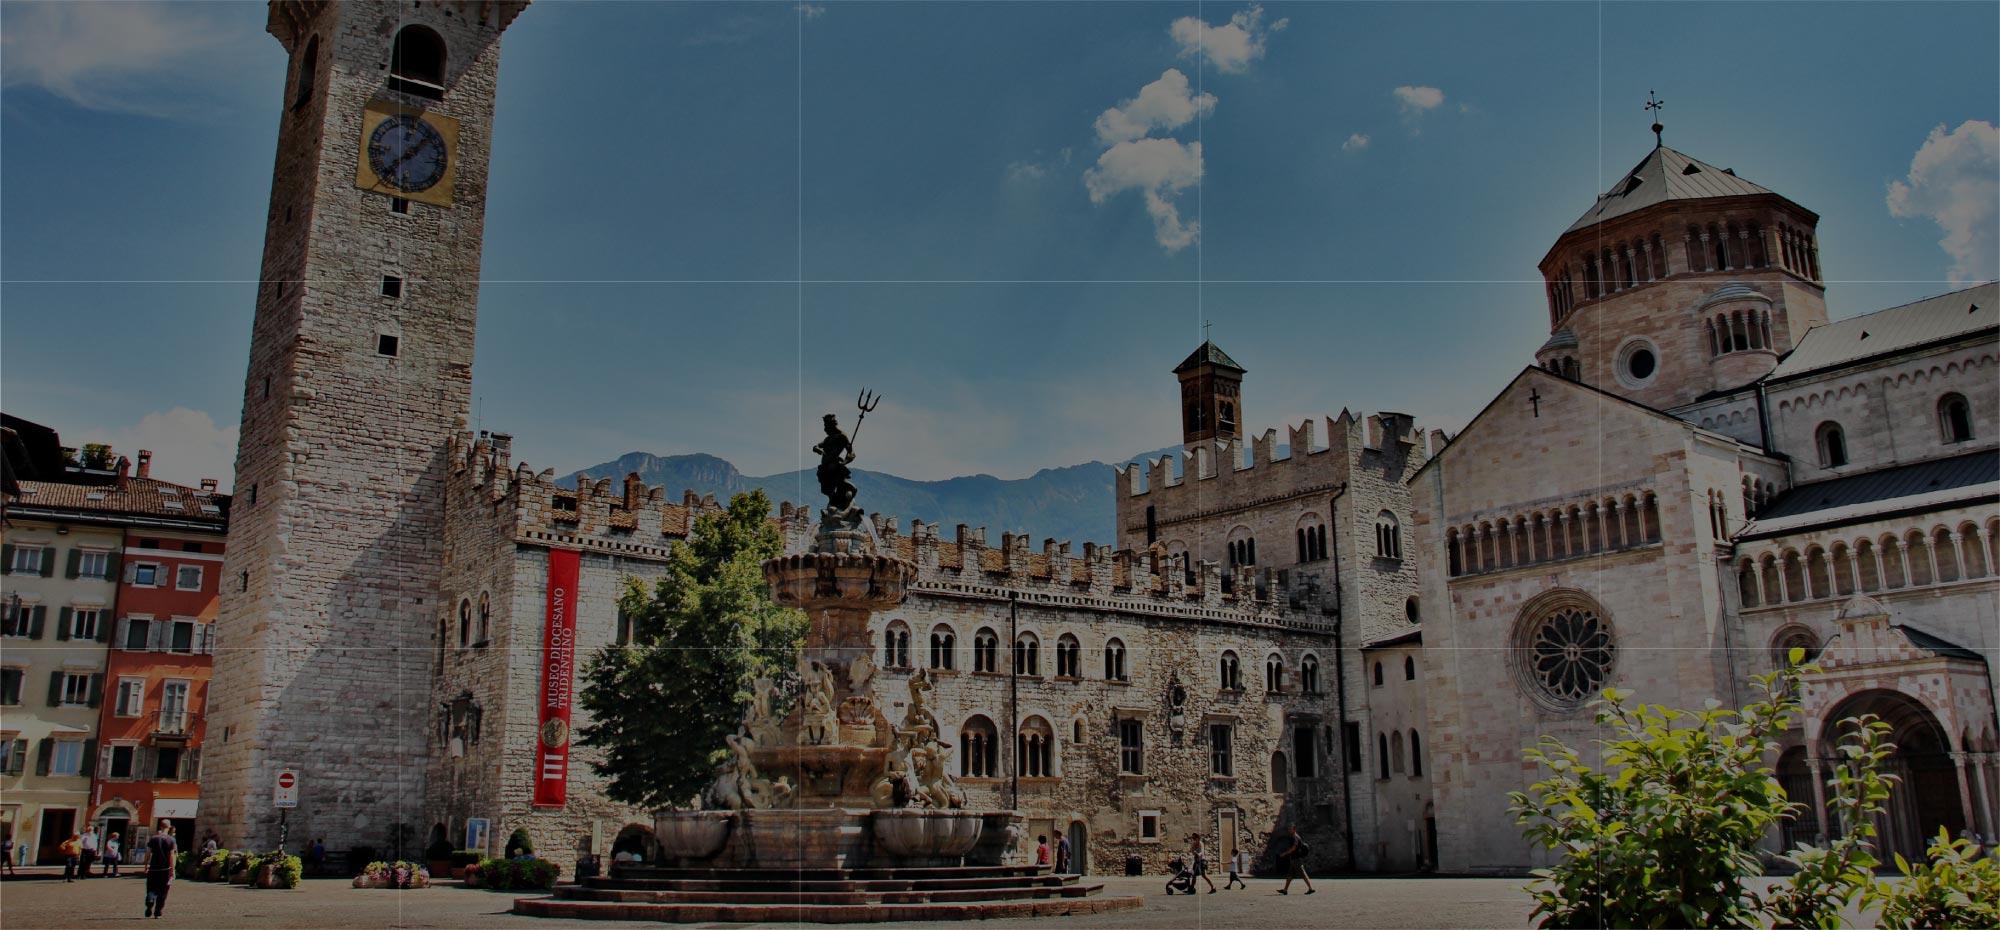 Agenzie Immobiliari Trento Città homepage - avore